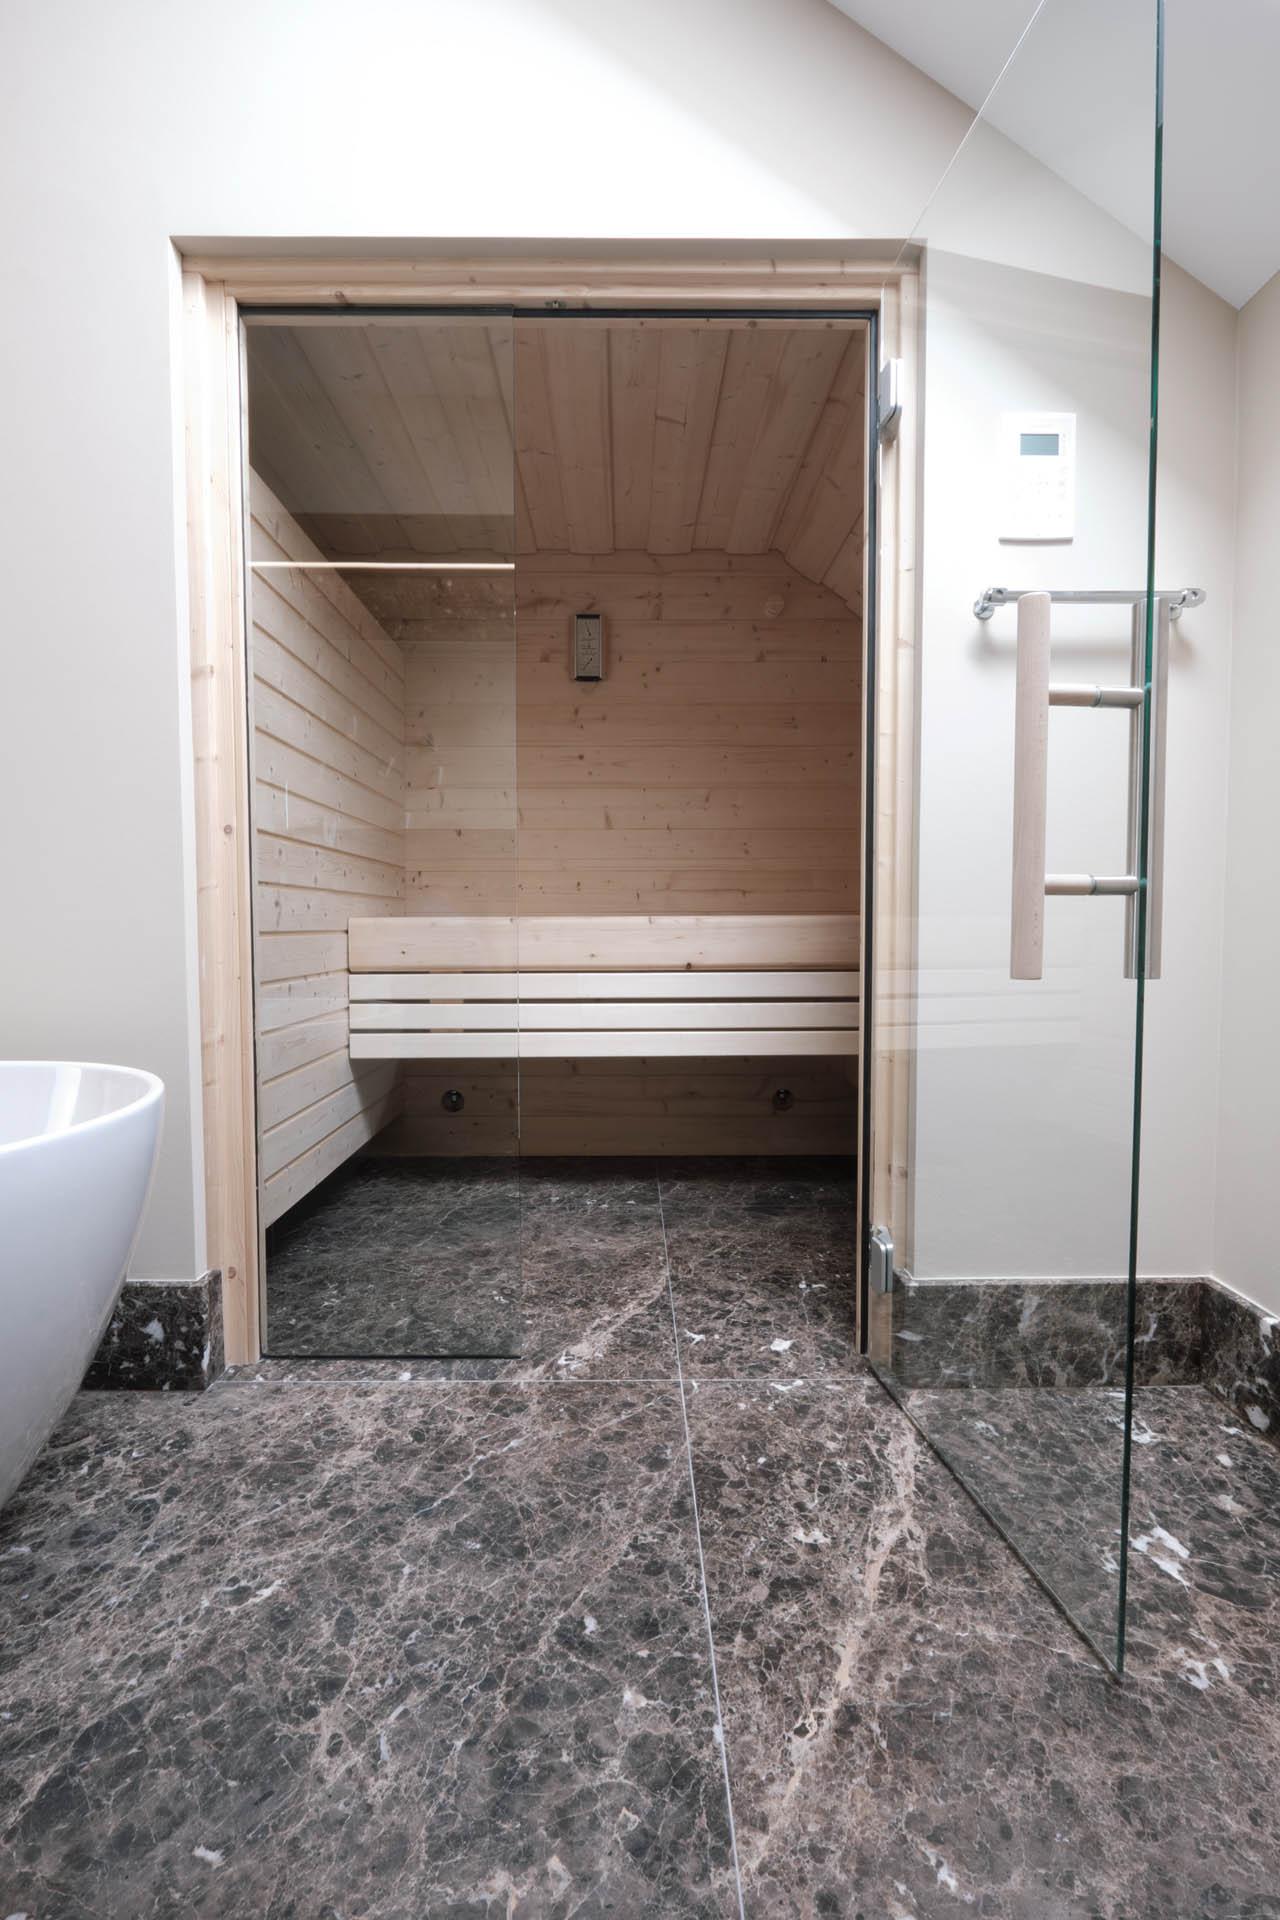 In geräumigen Badezimmern lässt sich schnell Platz für eine Sauna finden